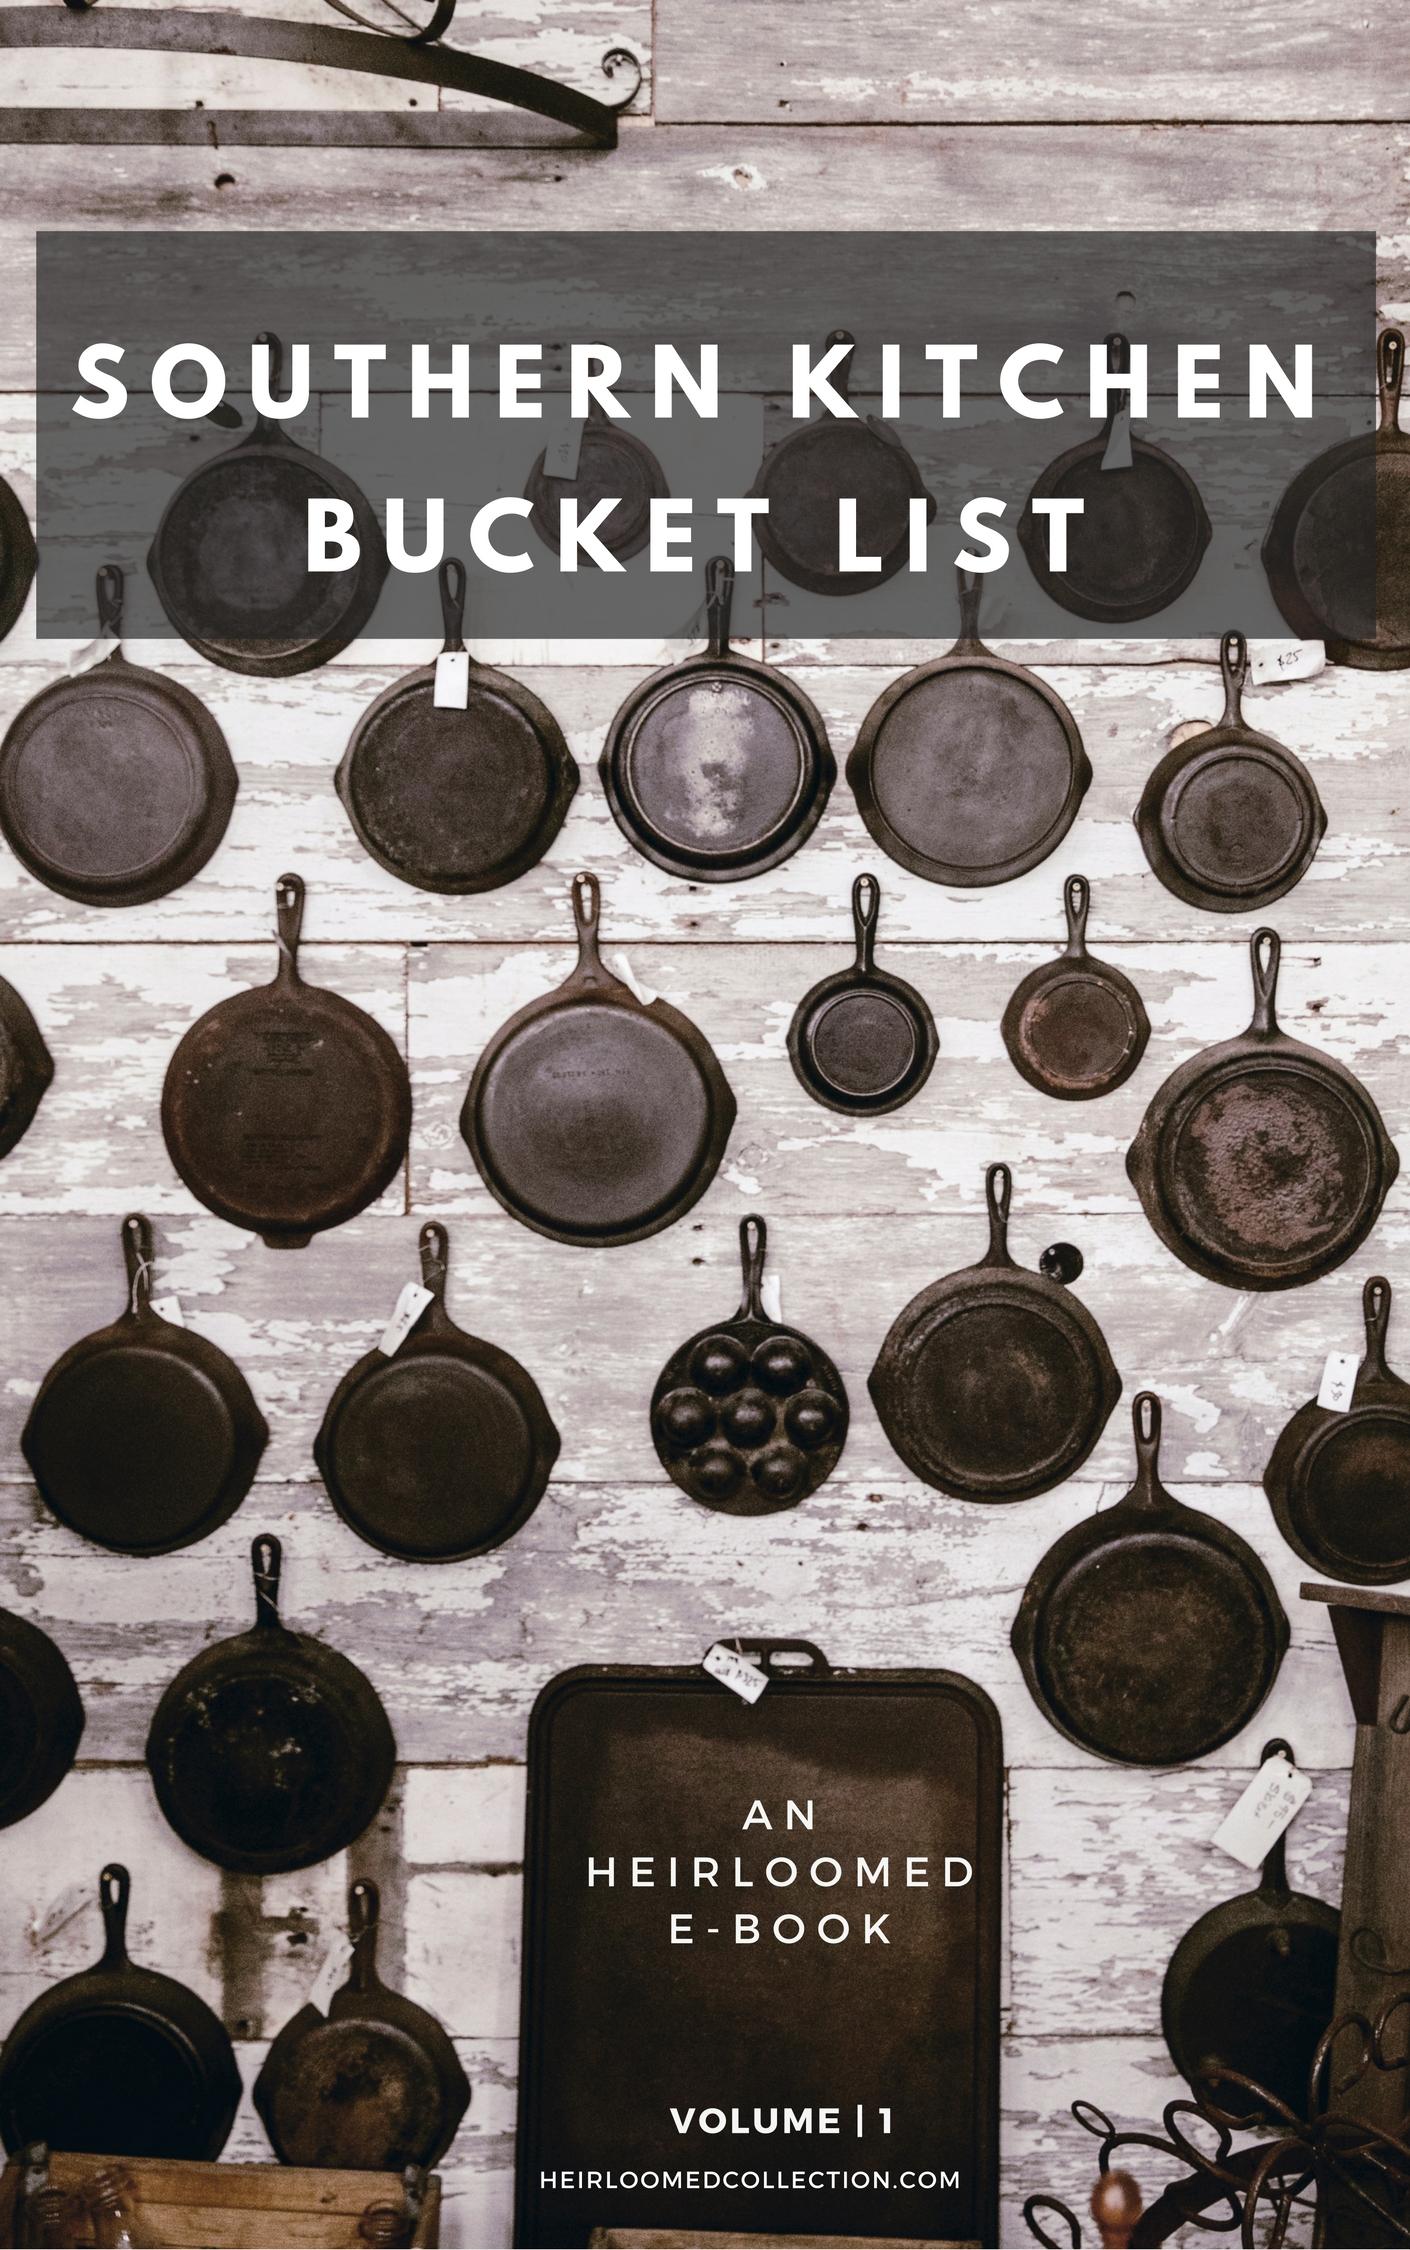 SOUTHERN KITCHEN BUCKET LIST (VOLUME 1)